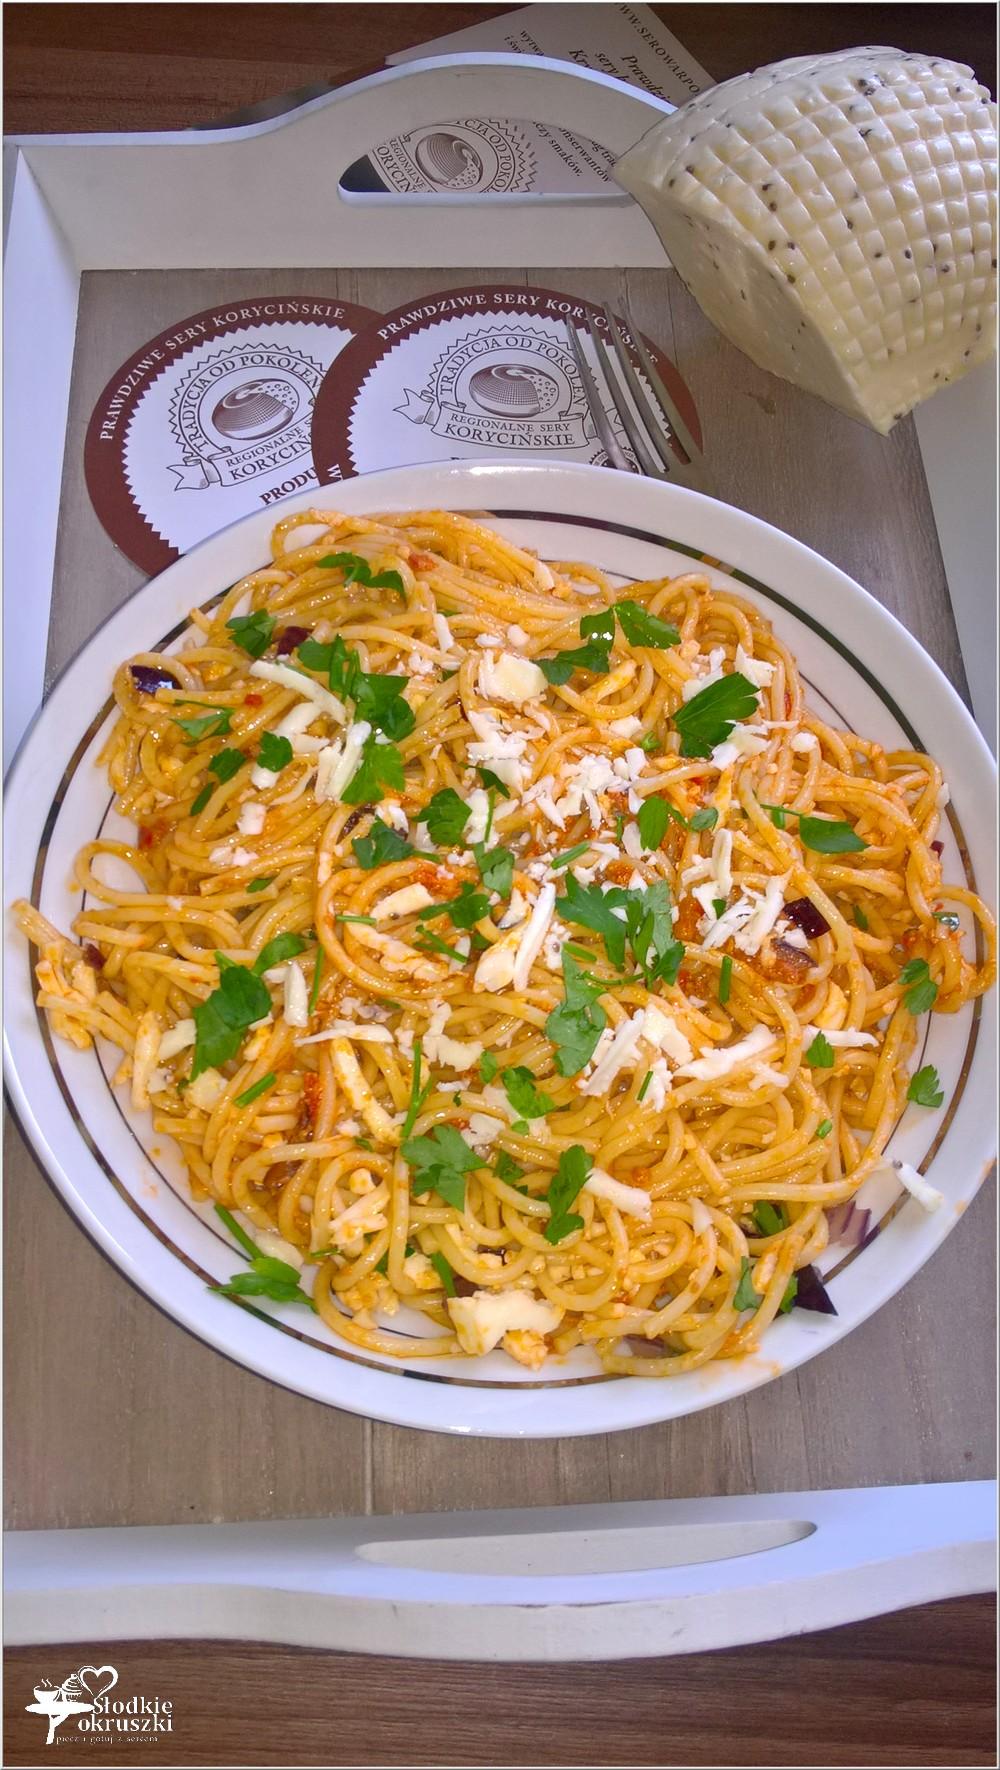 Spaghetti w pomidorowym pesto z serem korycińskim (5)